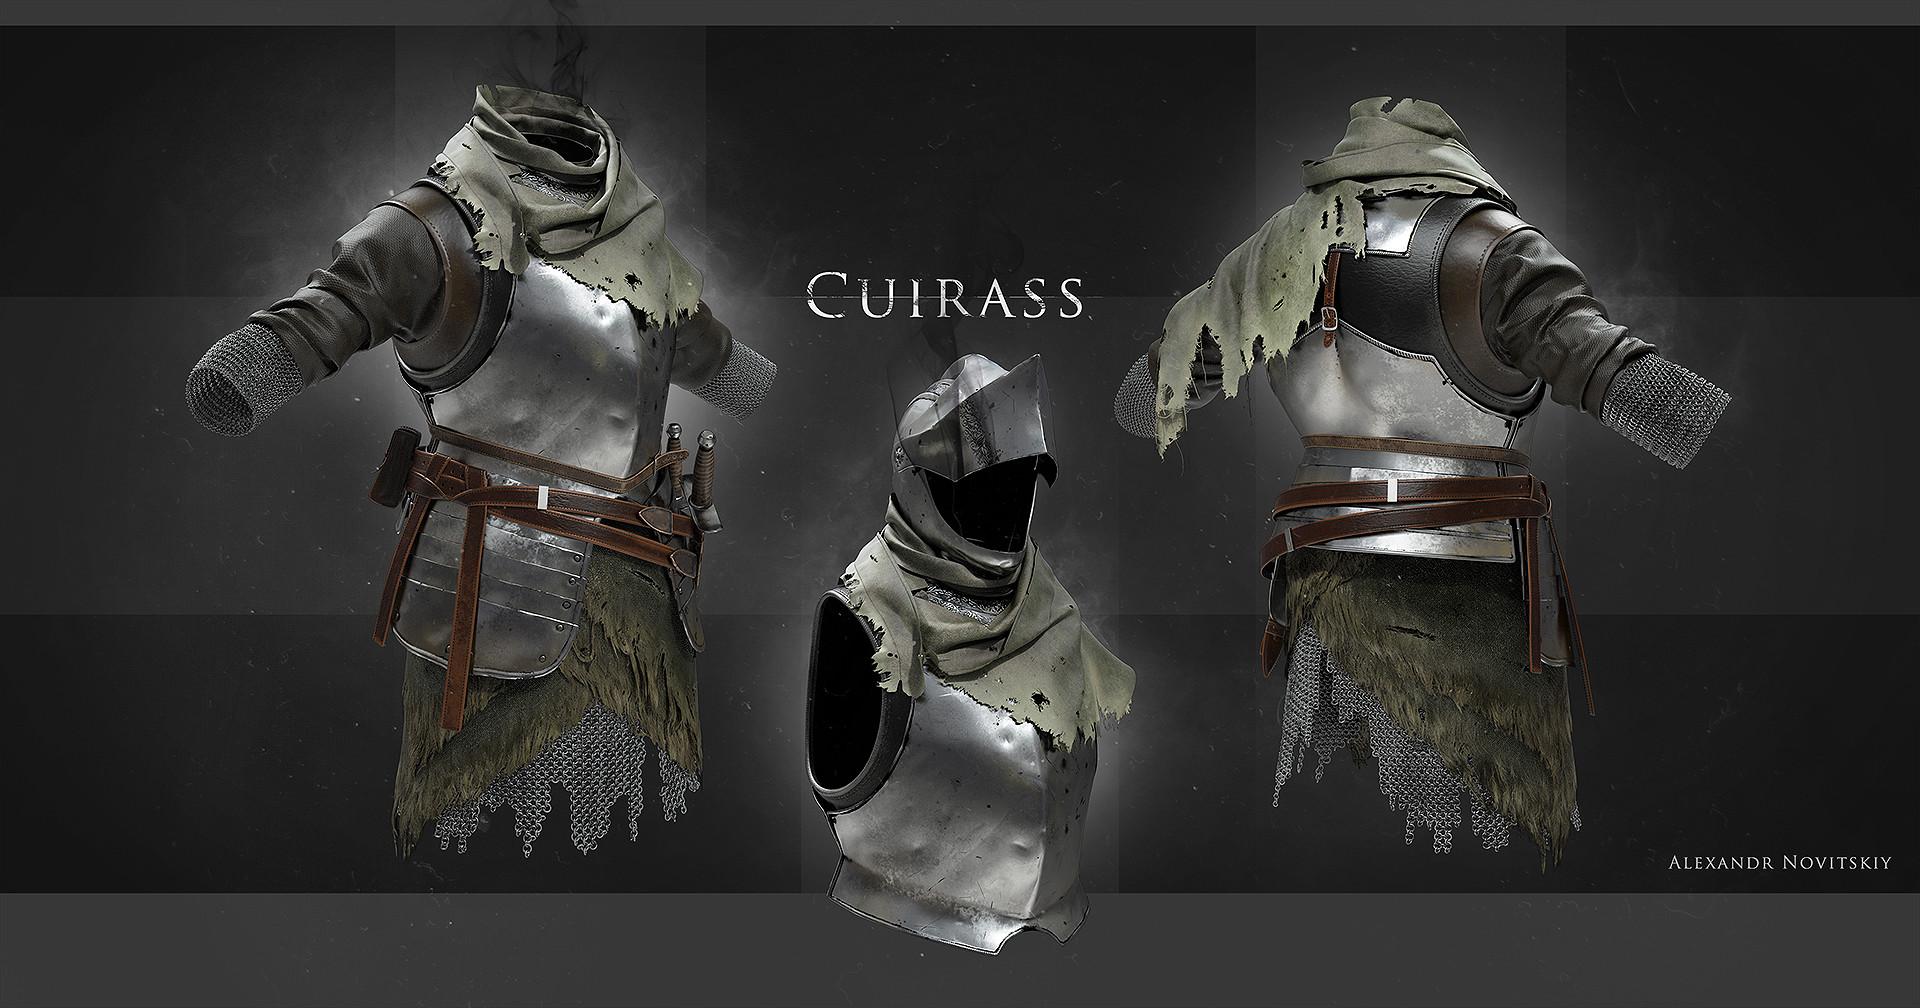 Alexandr novitskiy dark knight cuirass